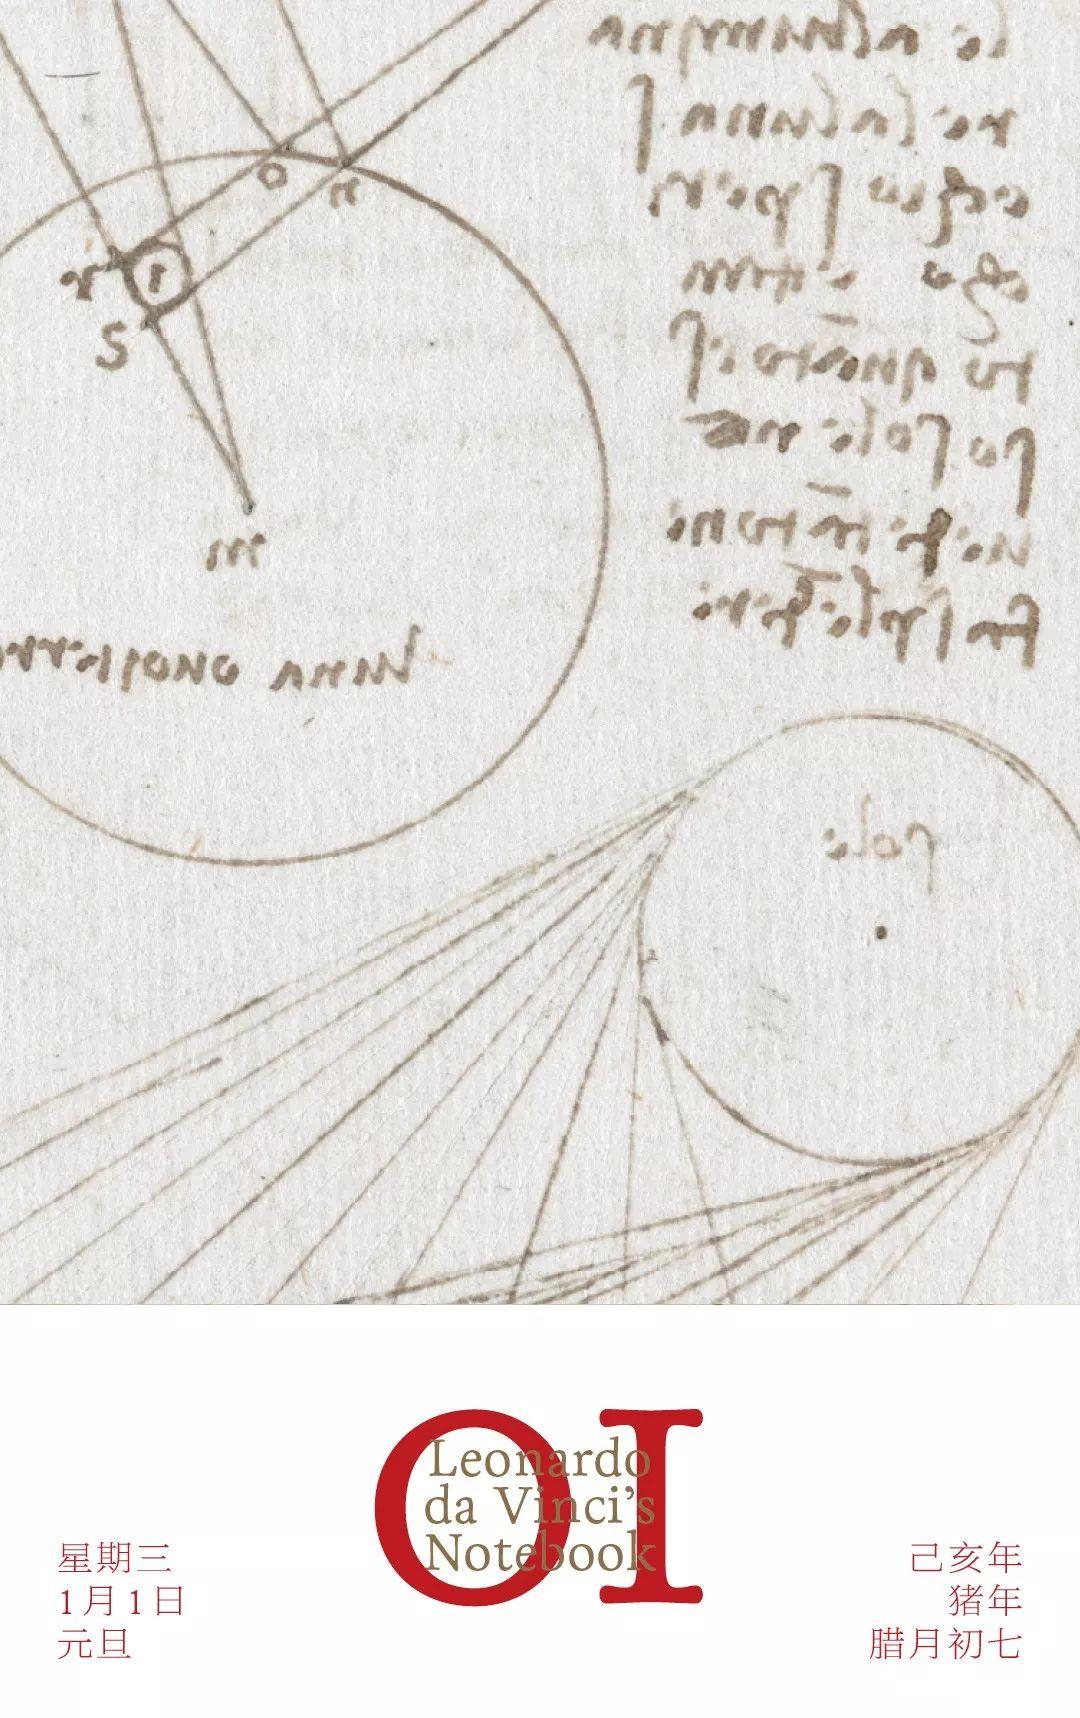 1月1日 | 无所不包的达芬奇手记